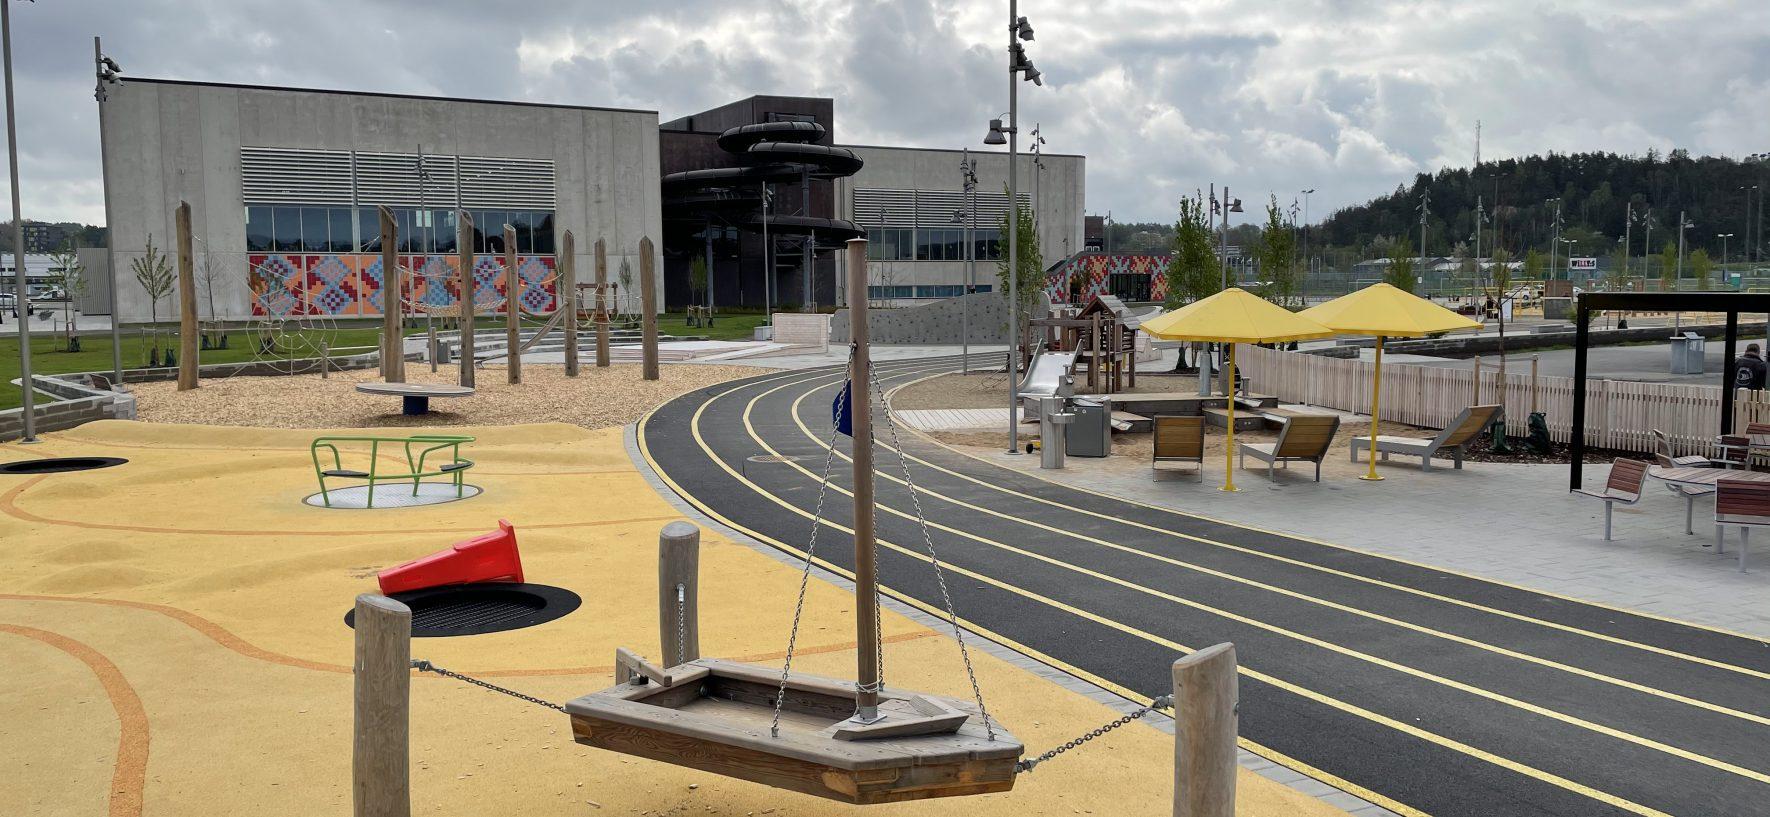 Kungsbacka Aktivitetspark